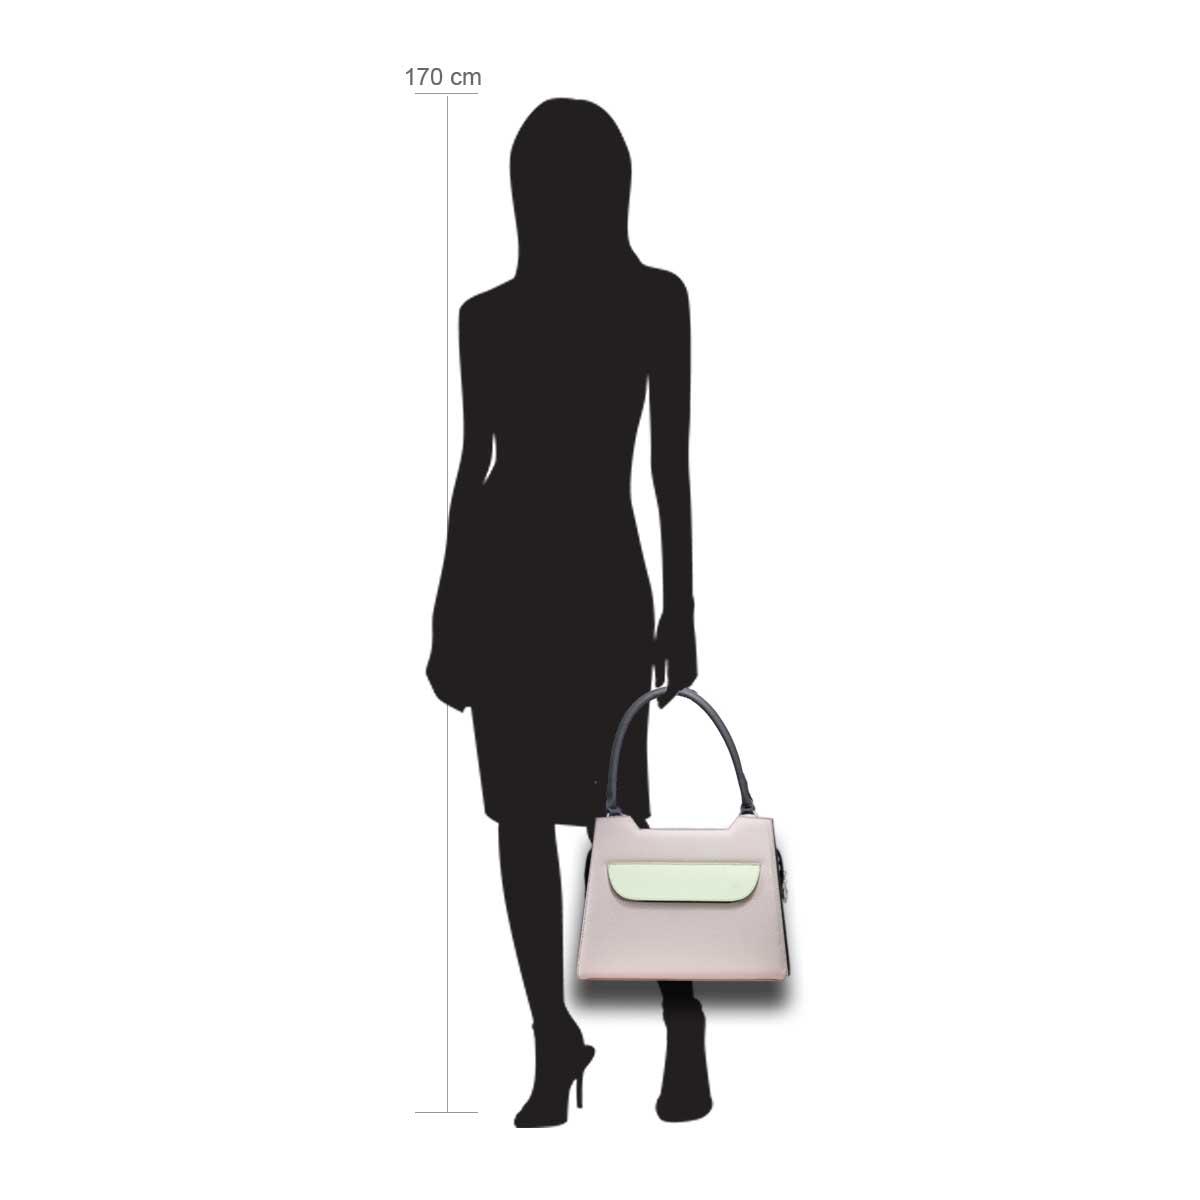 Puppe 170 cm groß zeigt die Taschengröße an . Modell: Lissabon rosa weiß